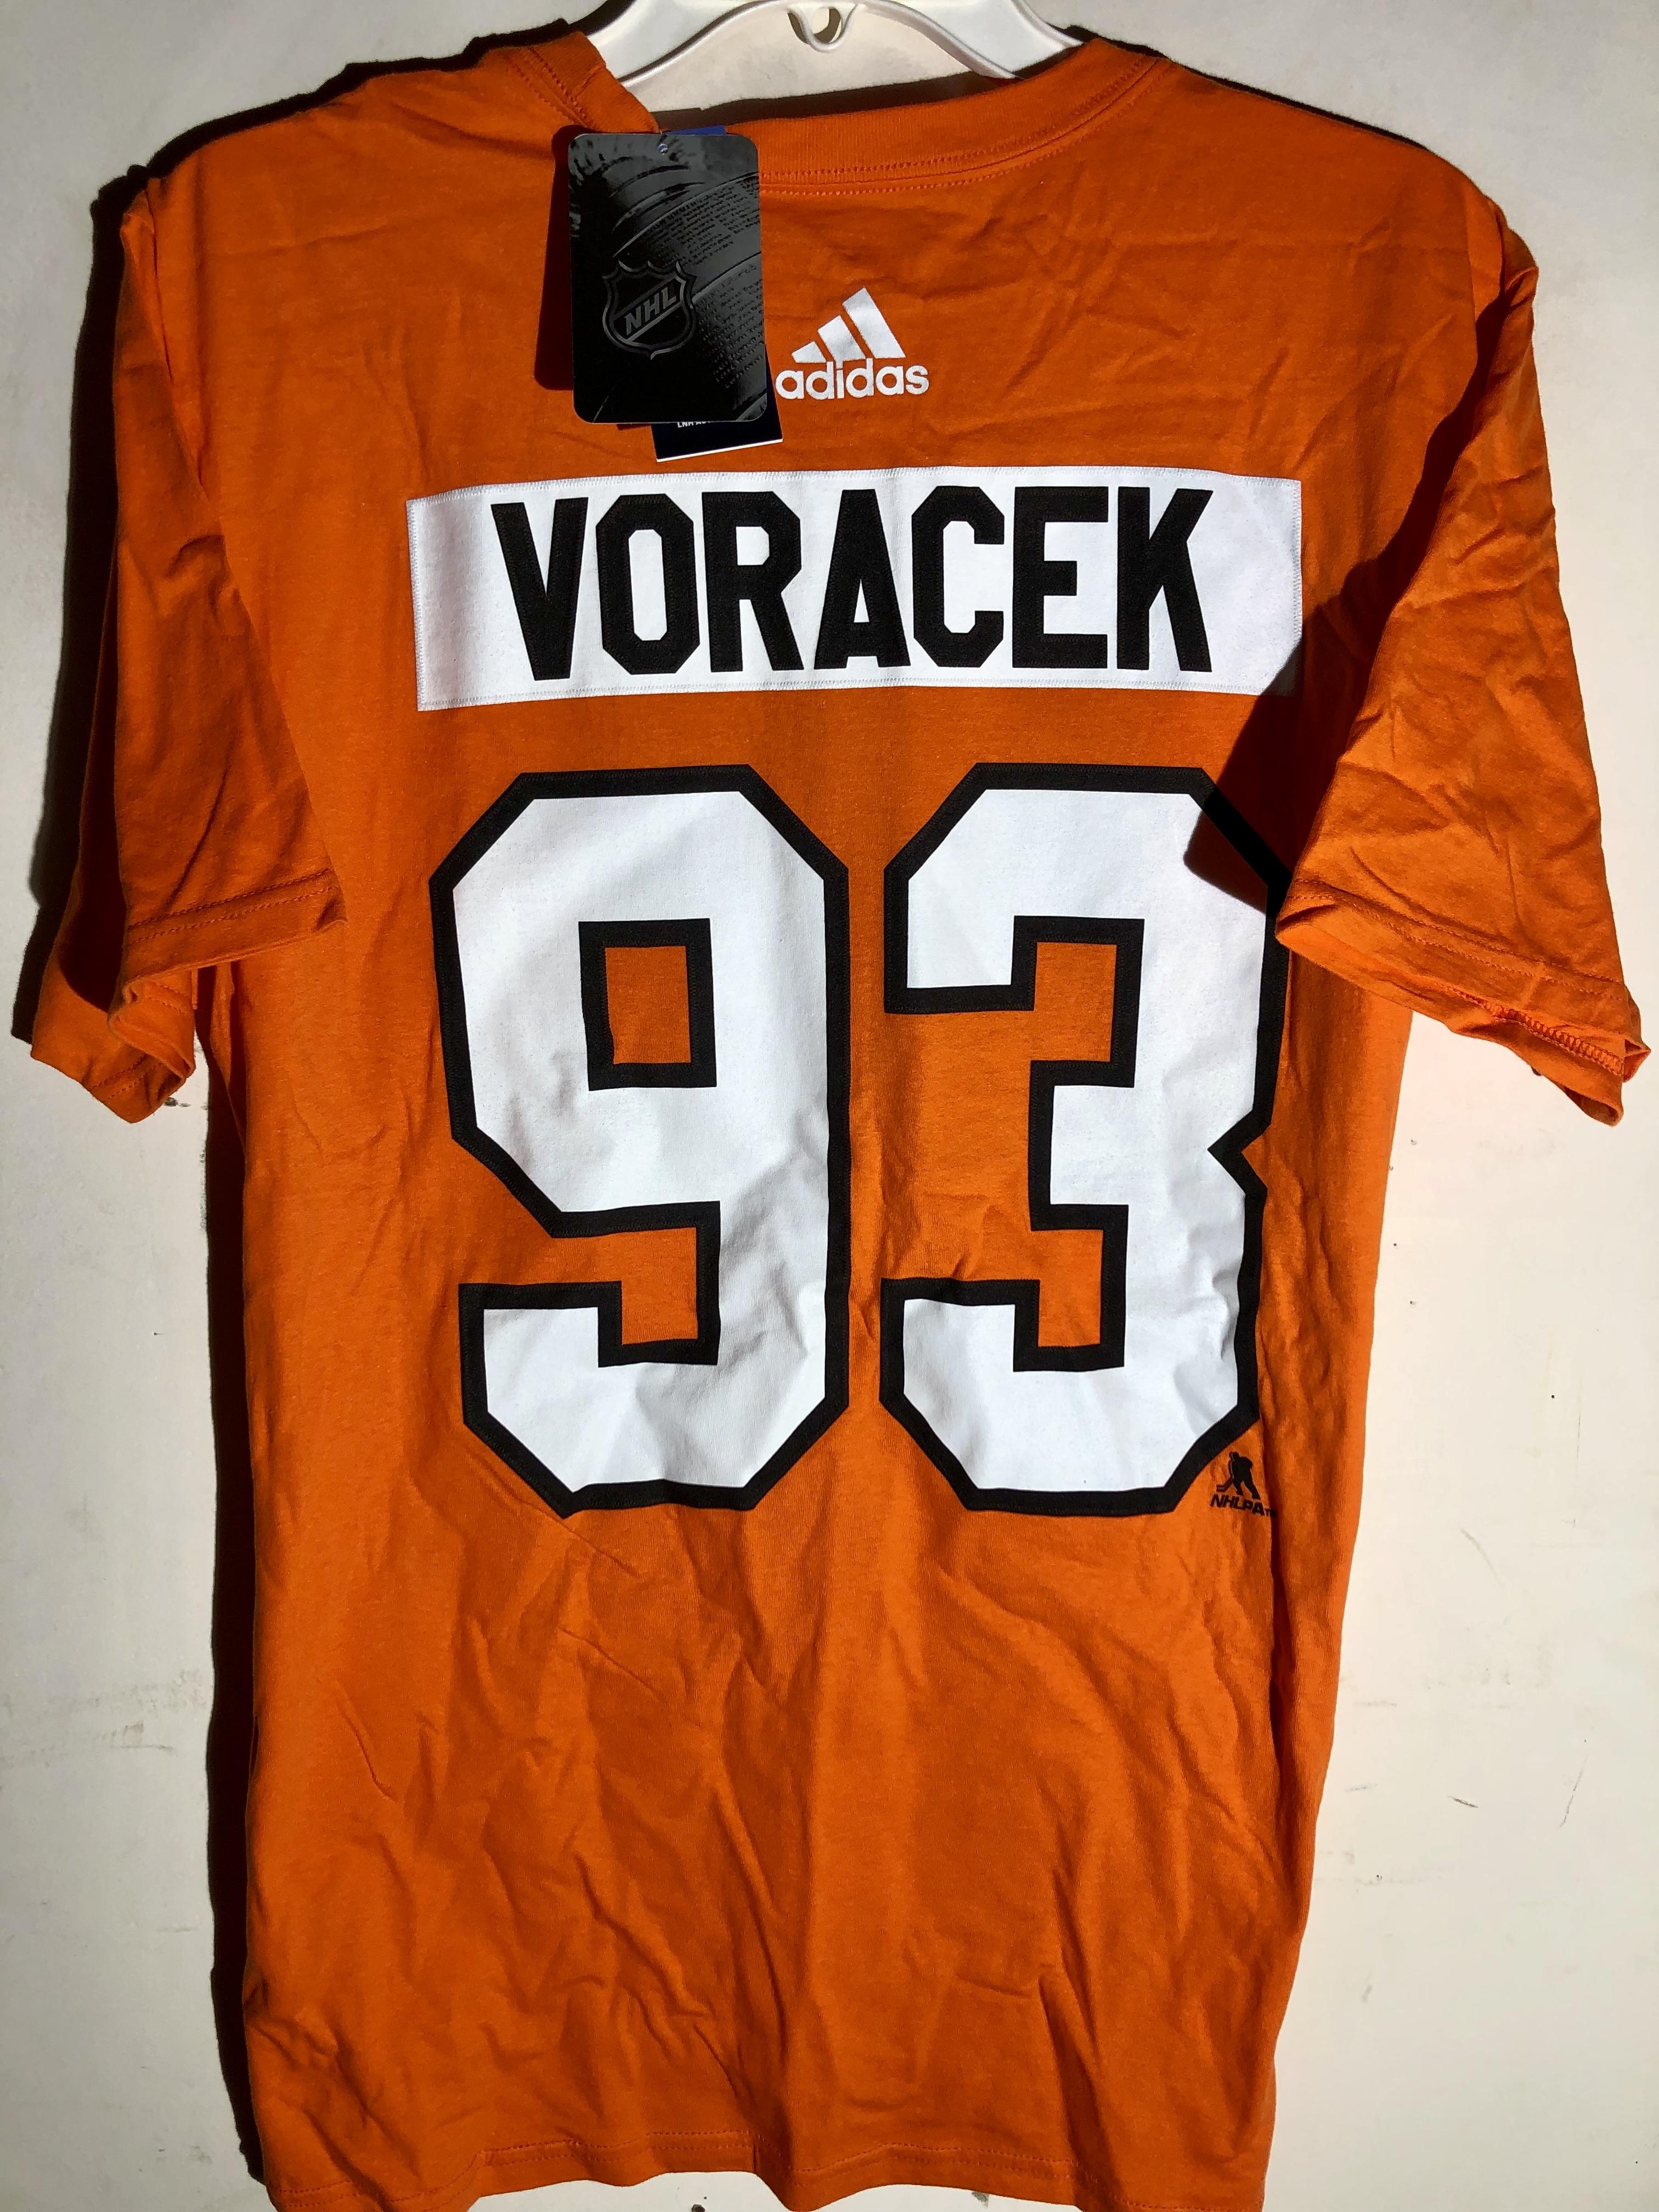 quality design 2e0b5 4589a Details about adidas NHL T-Shirt Philadelphia Flyers Jakub Voracek Orange  sz L